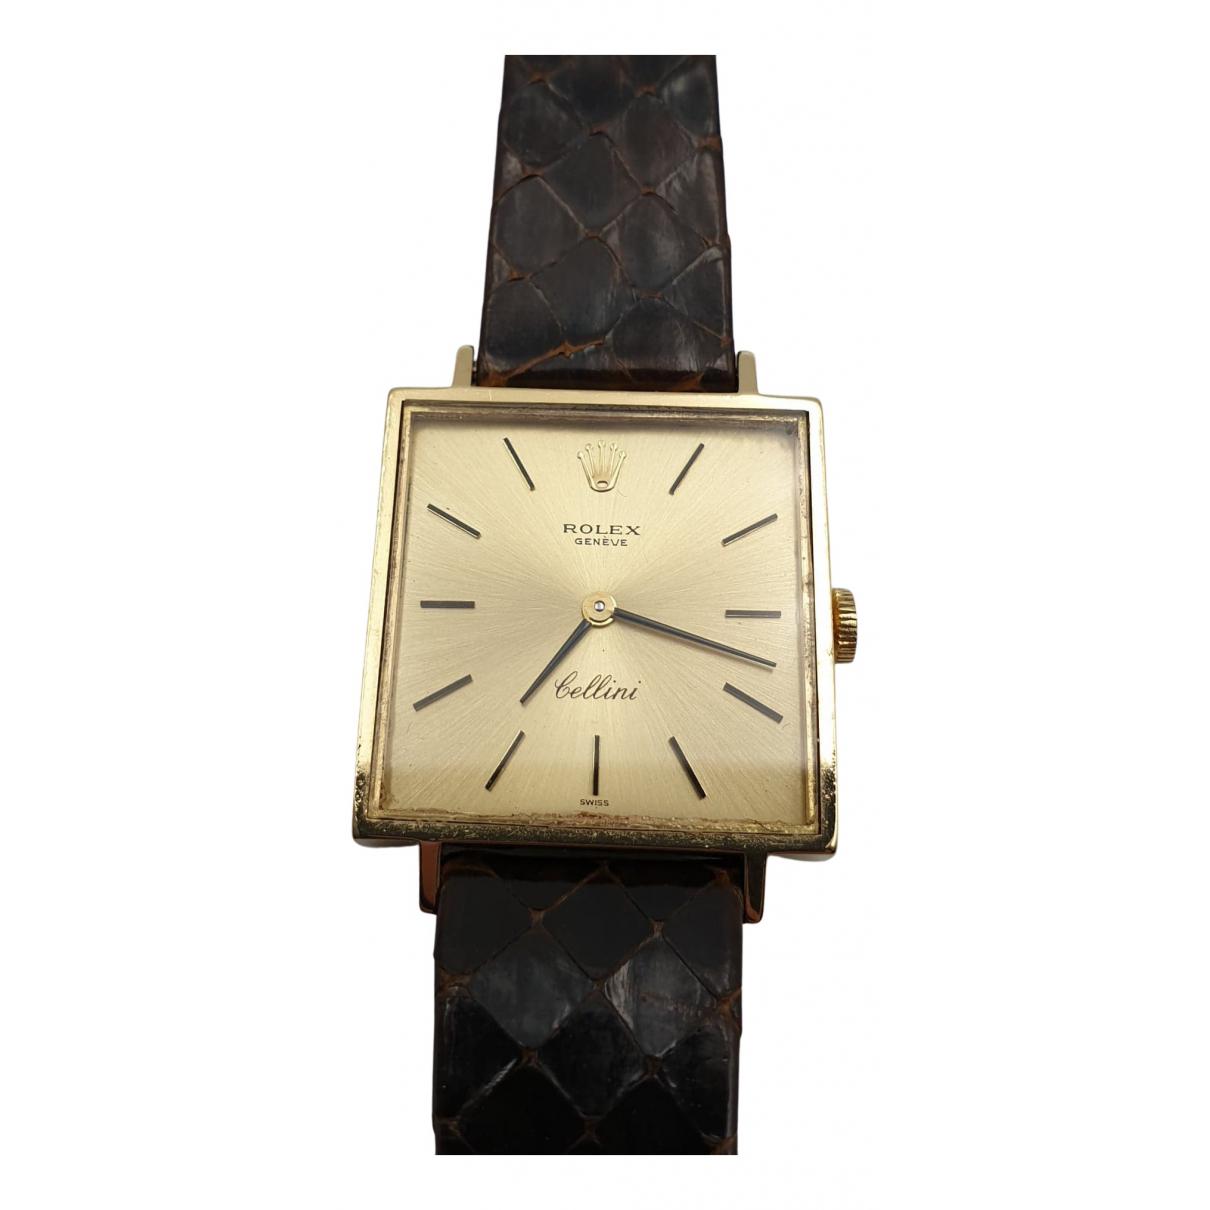 Rolex - Montre Cellini pour femme en or jaune - dore